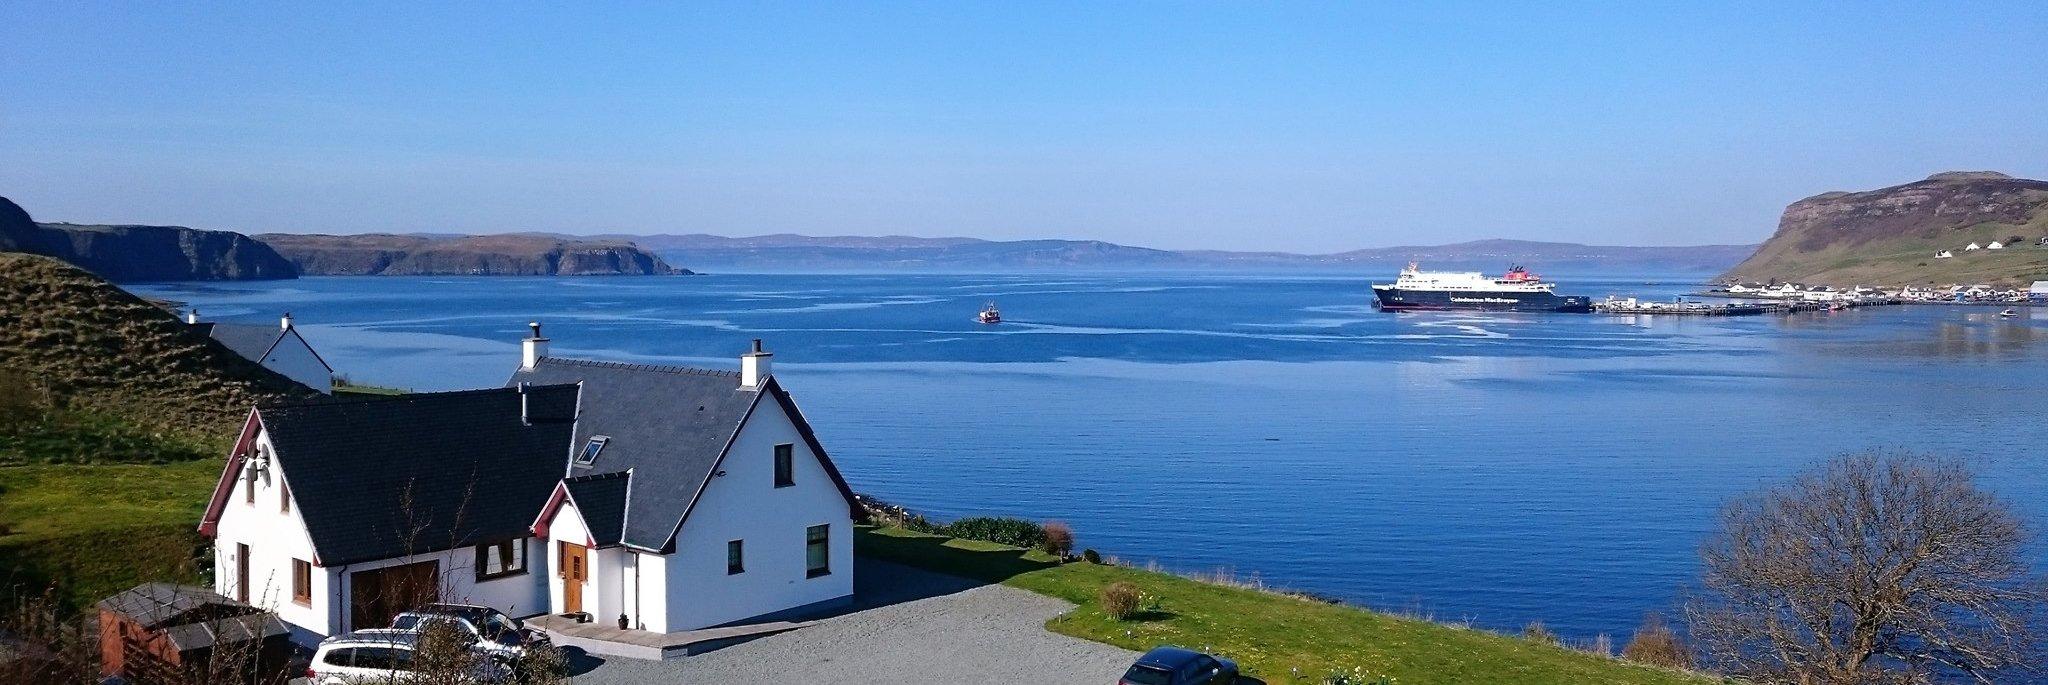 Cuil Lodge B&B on the Isle of Skye